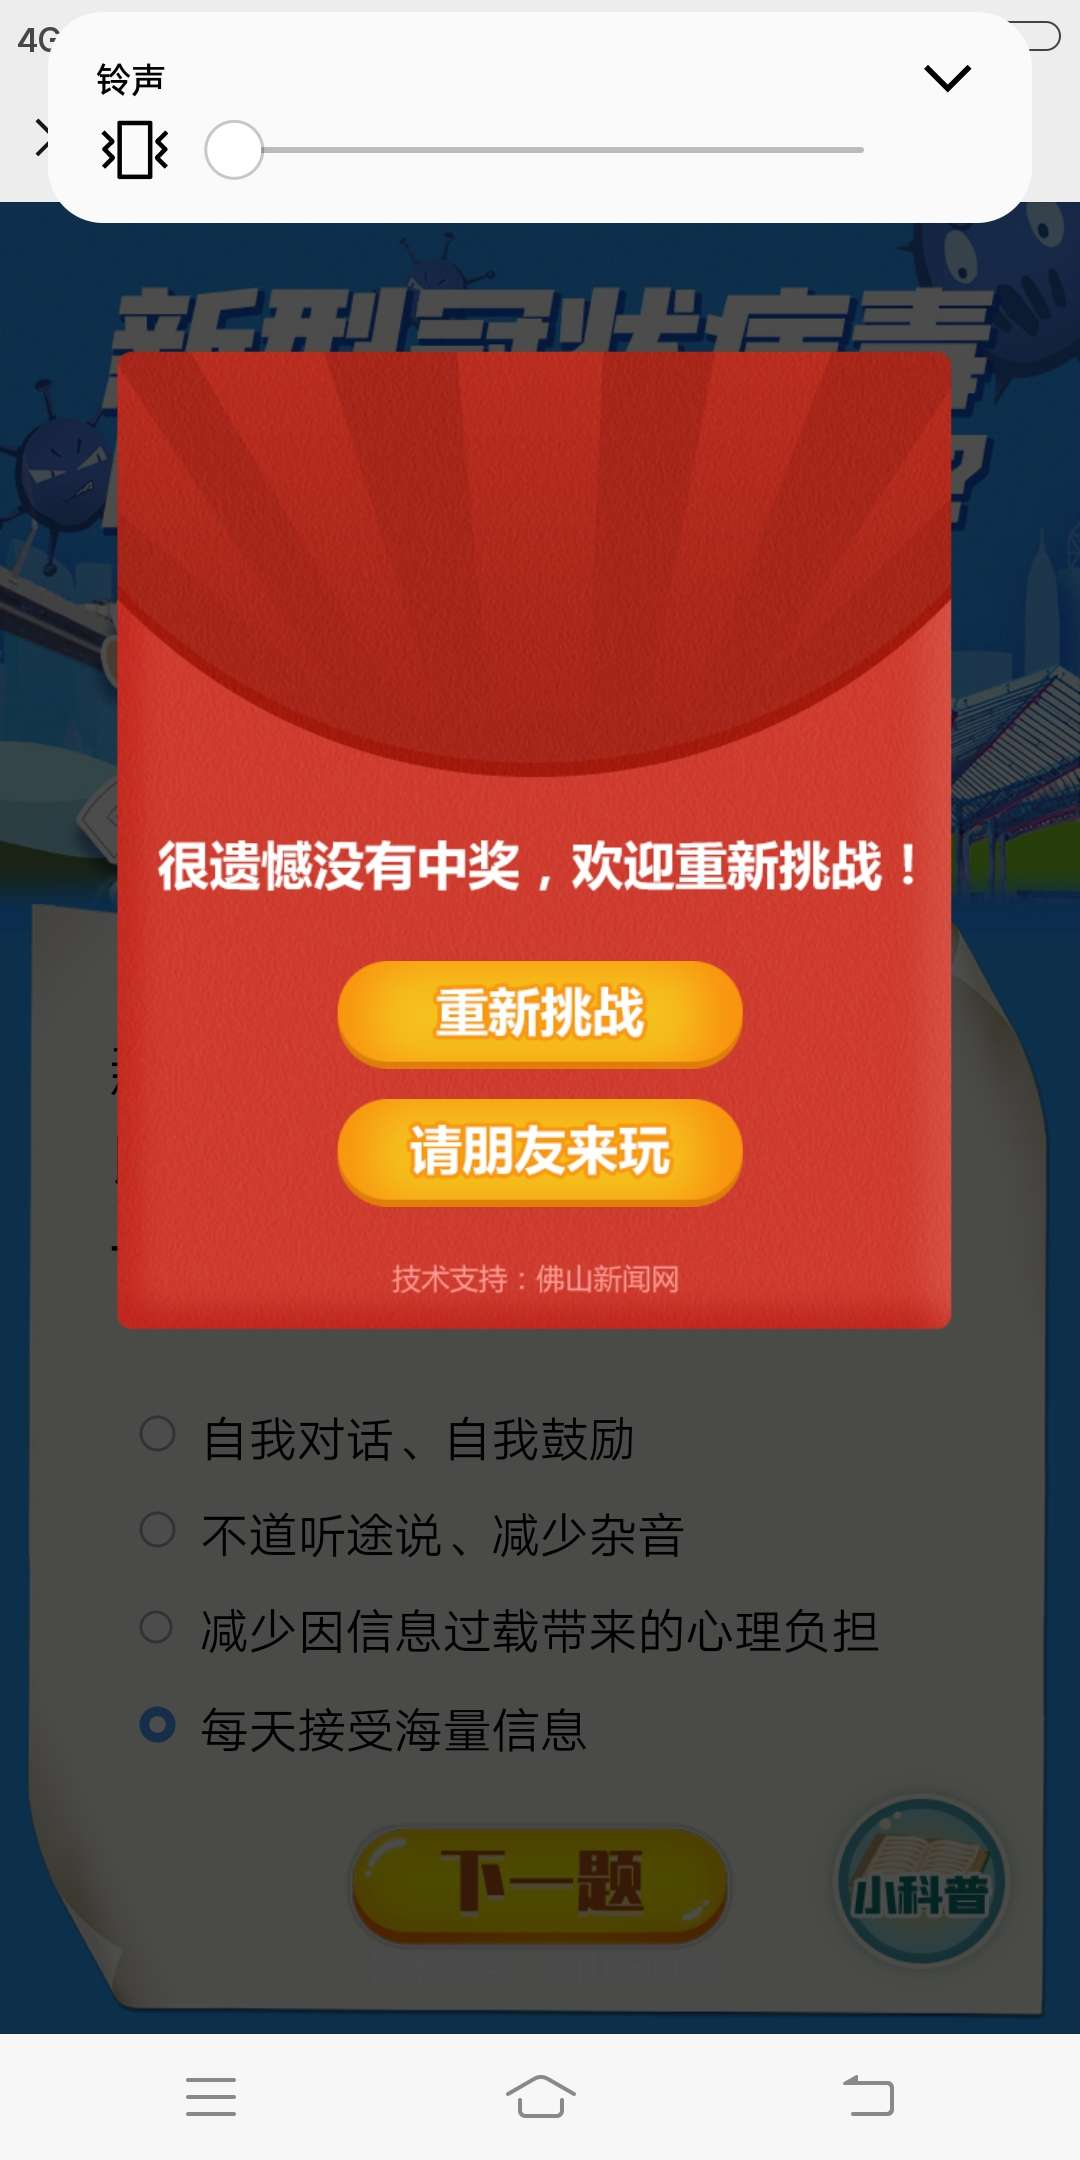 【现金红包】三山新城防疫知识微信问答得现金红包-惠小助(52huixz.com)